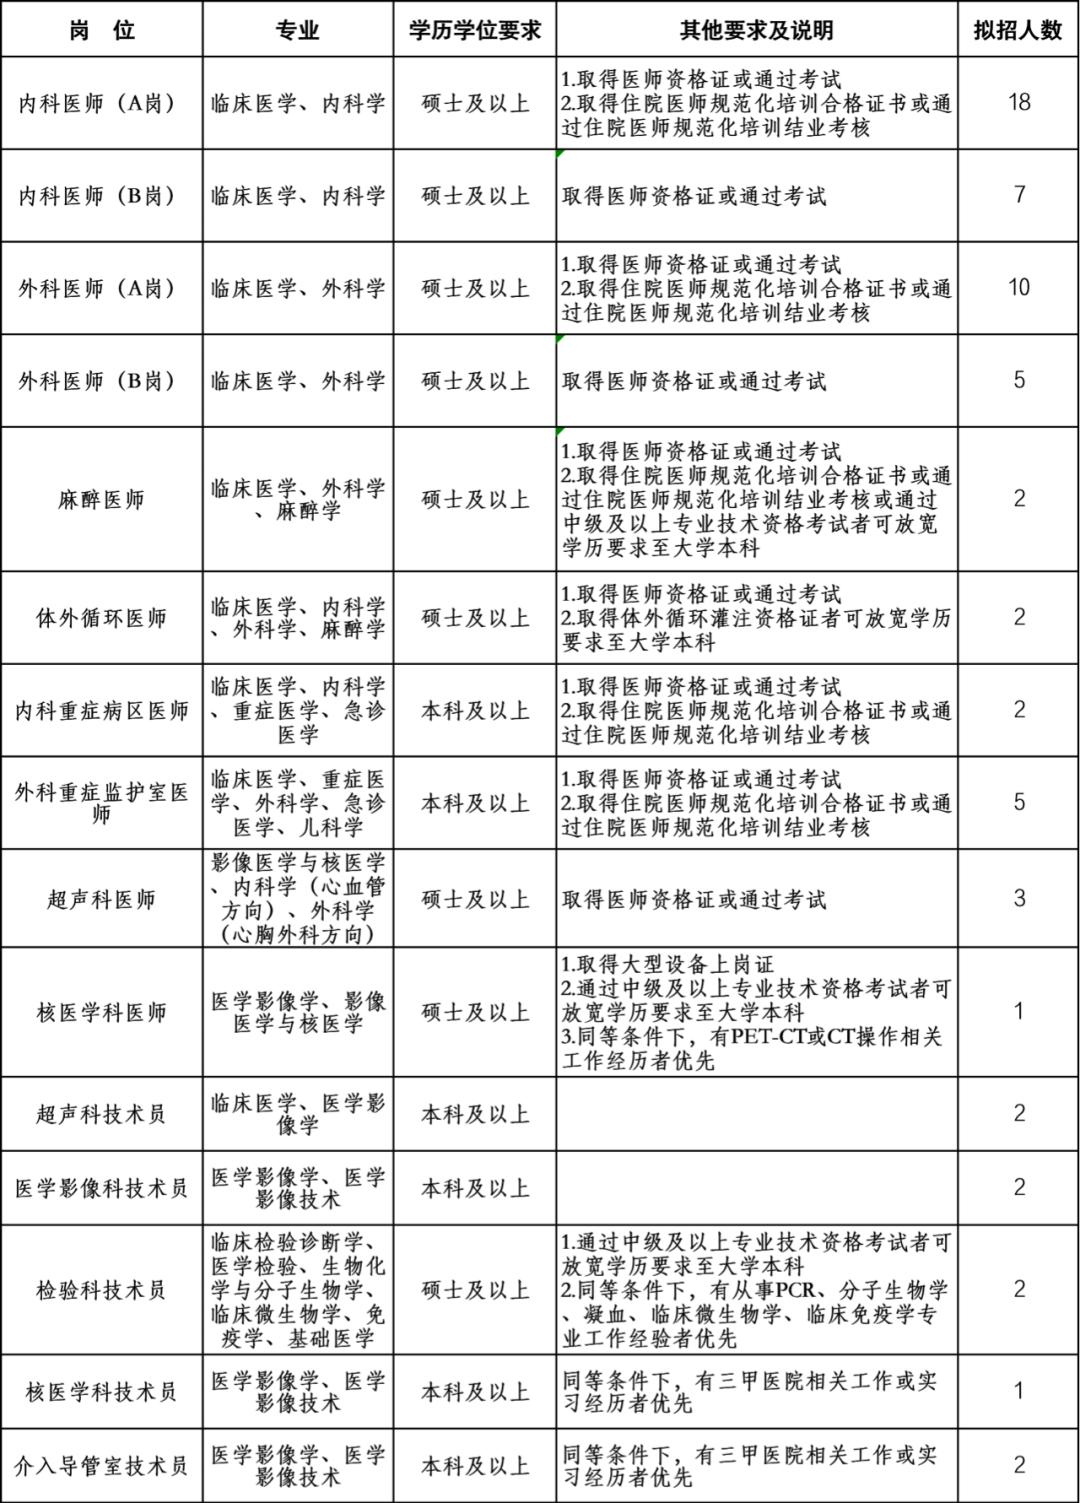 云南这家省级医院招聘64人,编制内待遇! 事业|公务 第1张